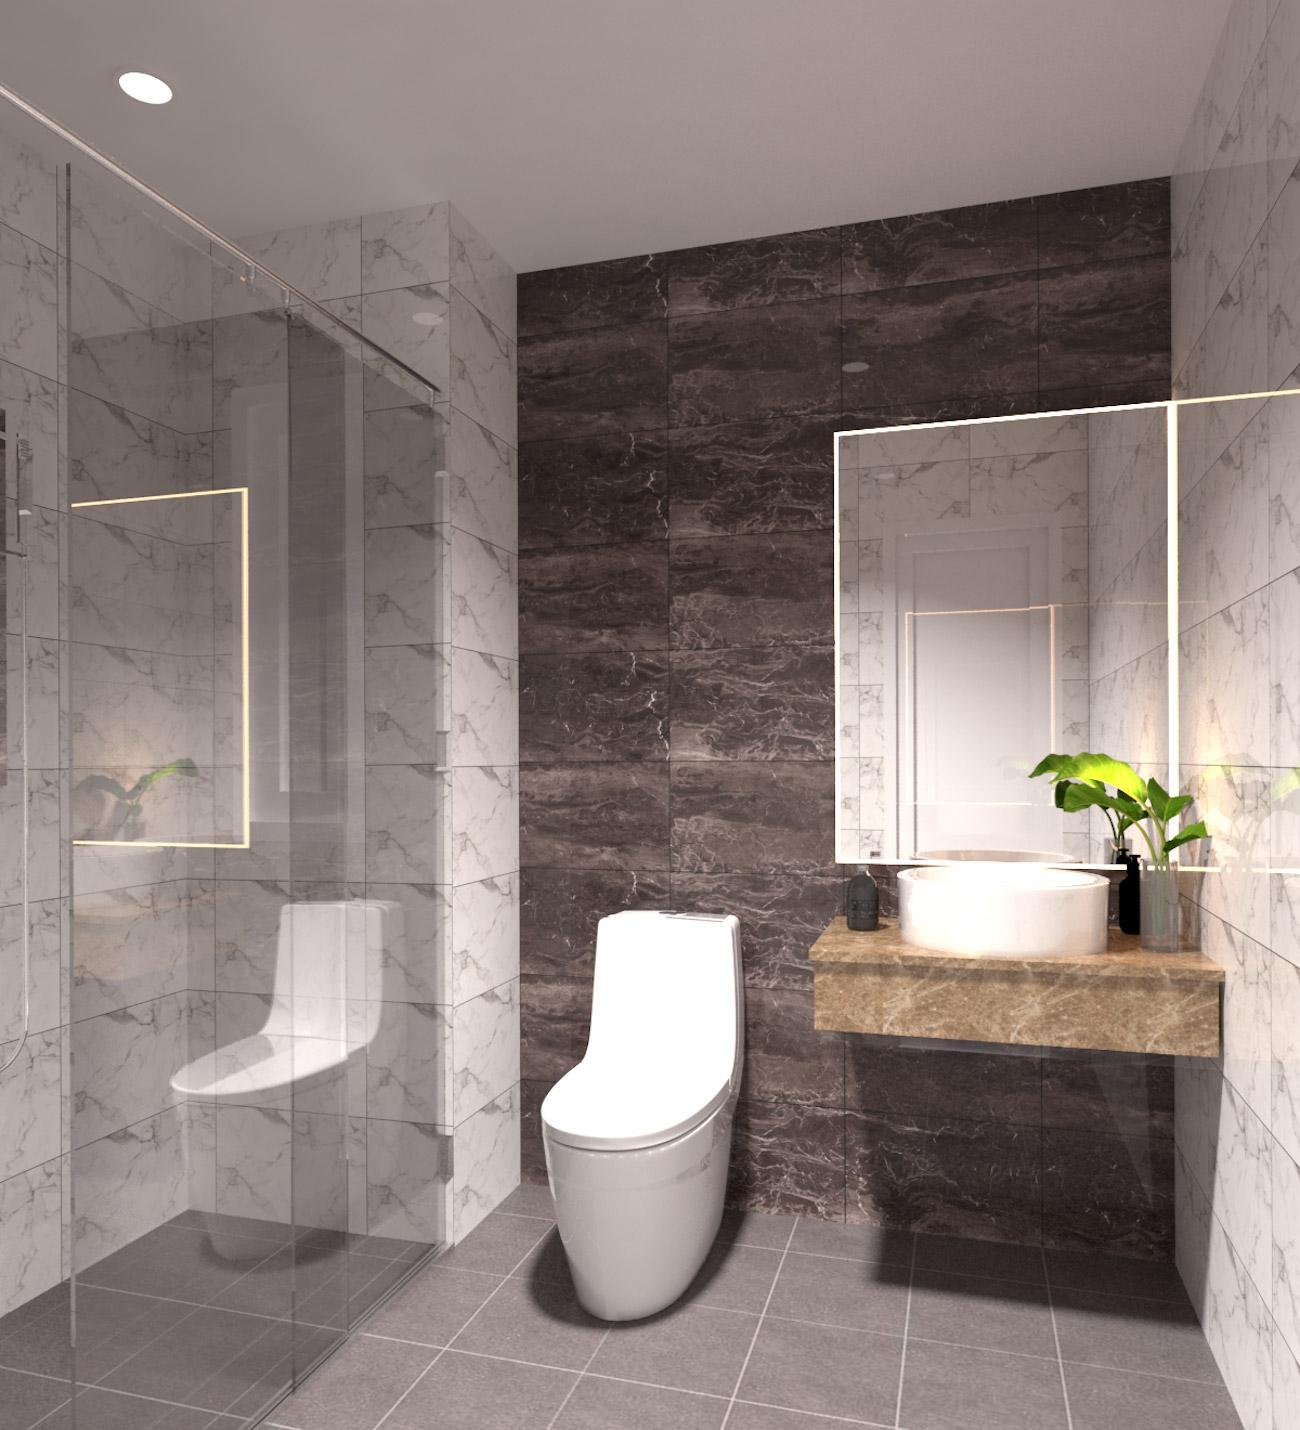 Nội thất phòng tắm dự án căn hộ Golden Grand Quận 2 được bàn giao